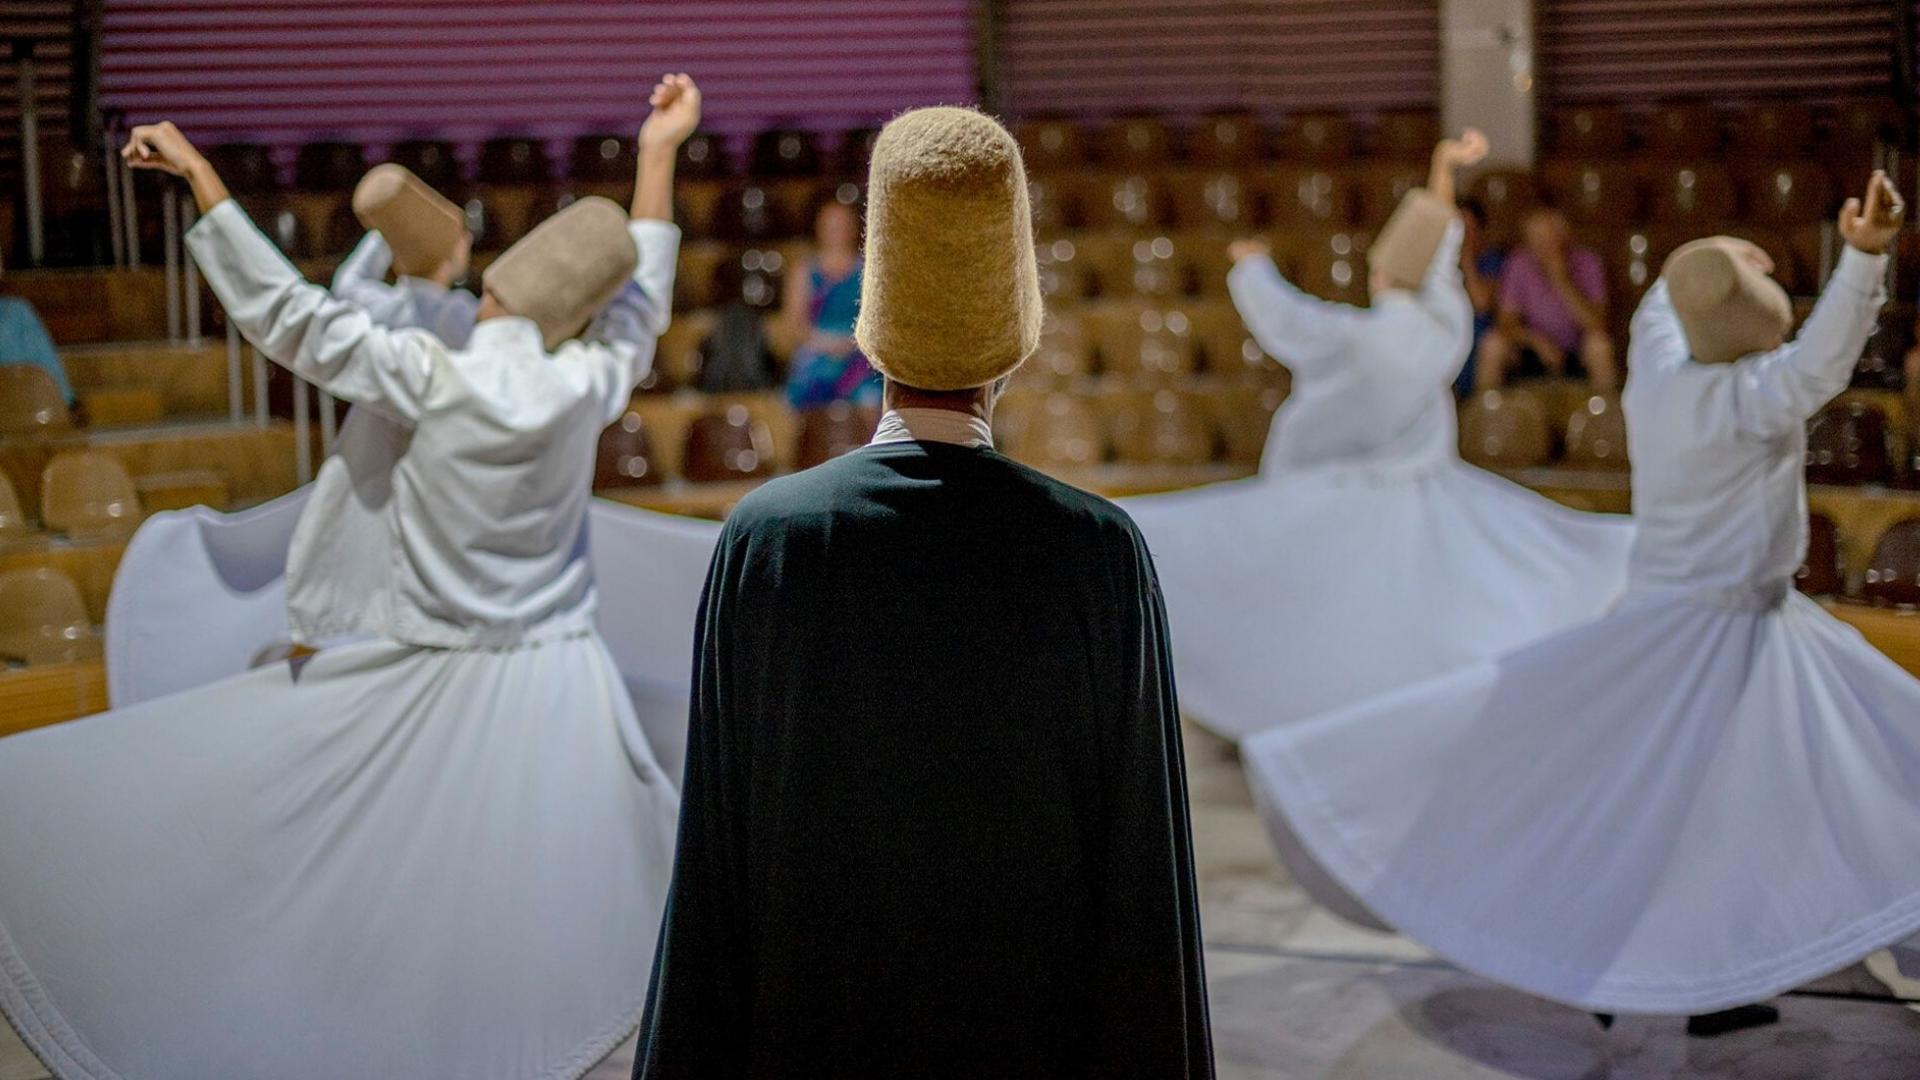 Dervišų šokiai - turkų kultūros ir maldos išraiška